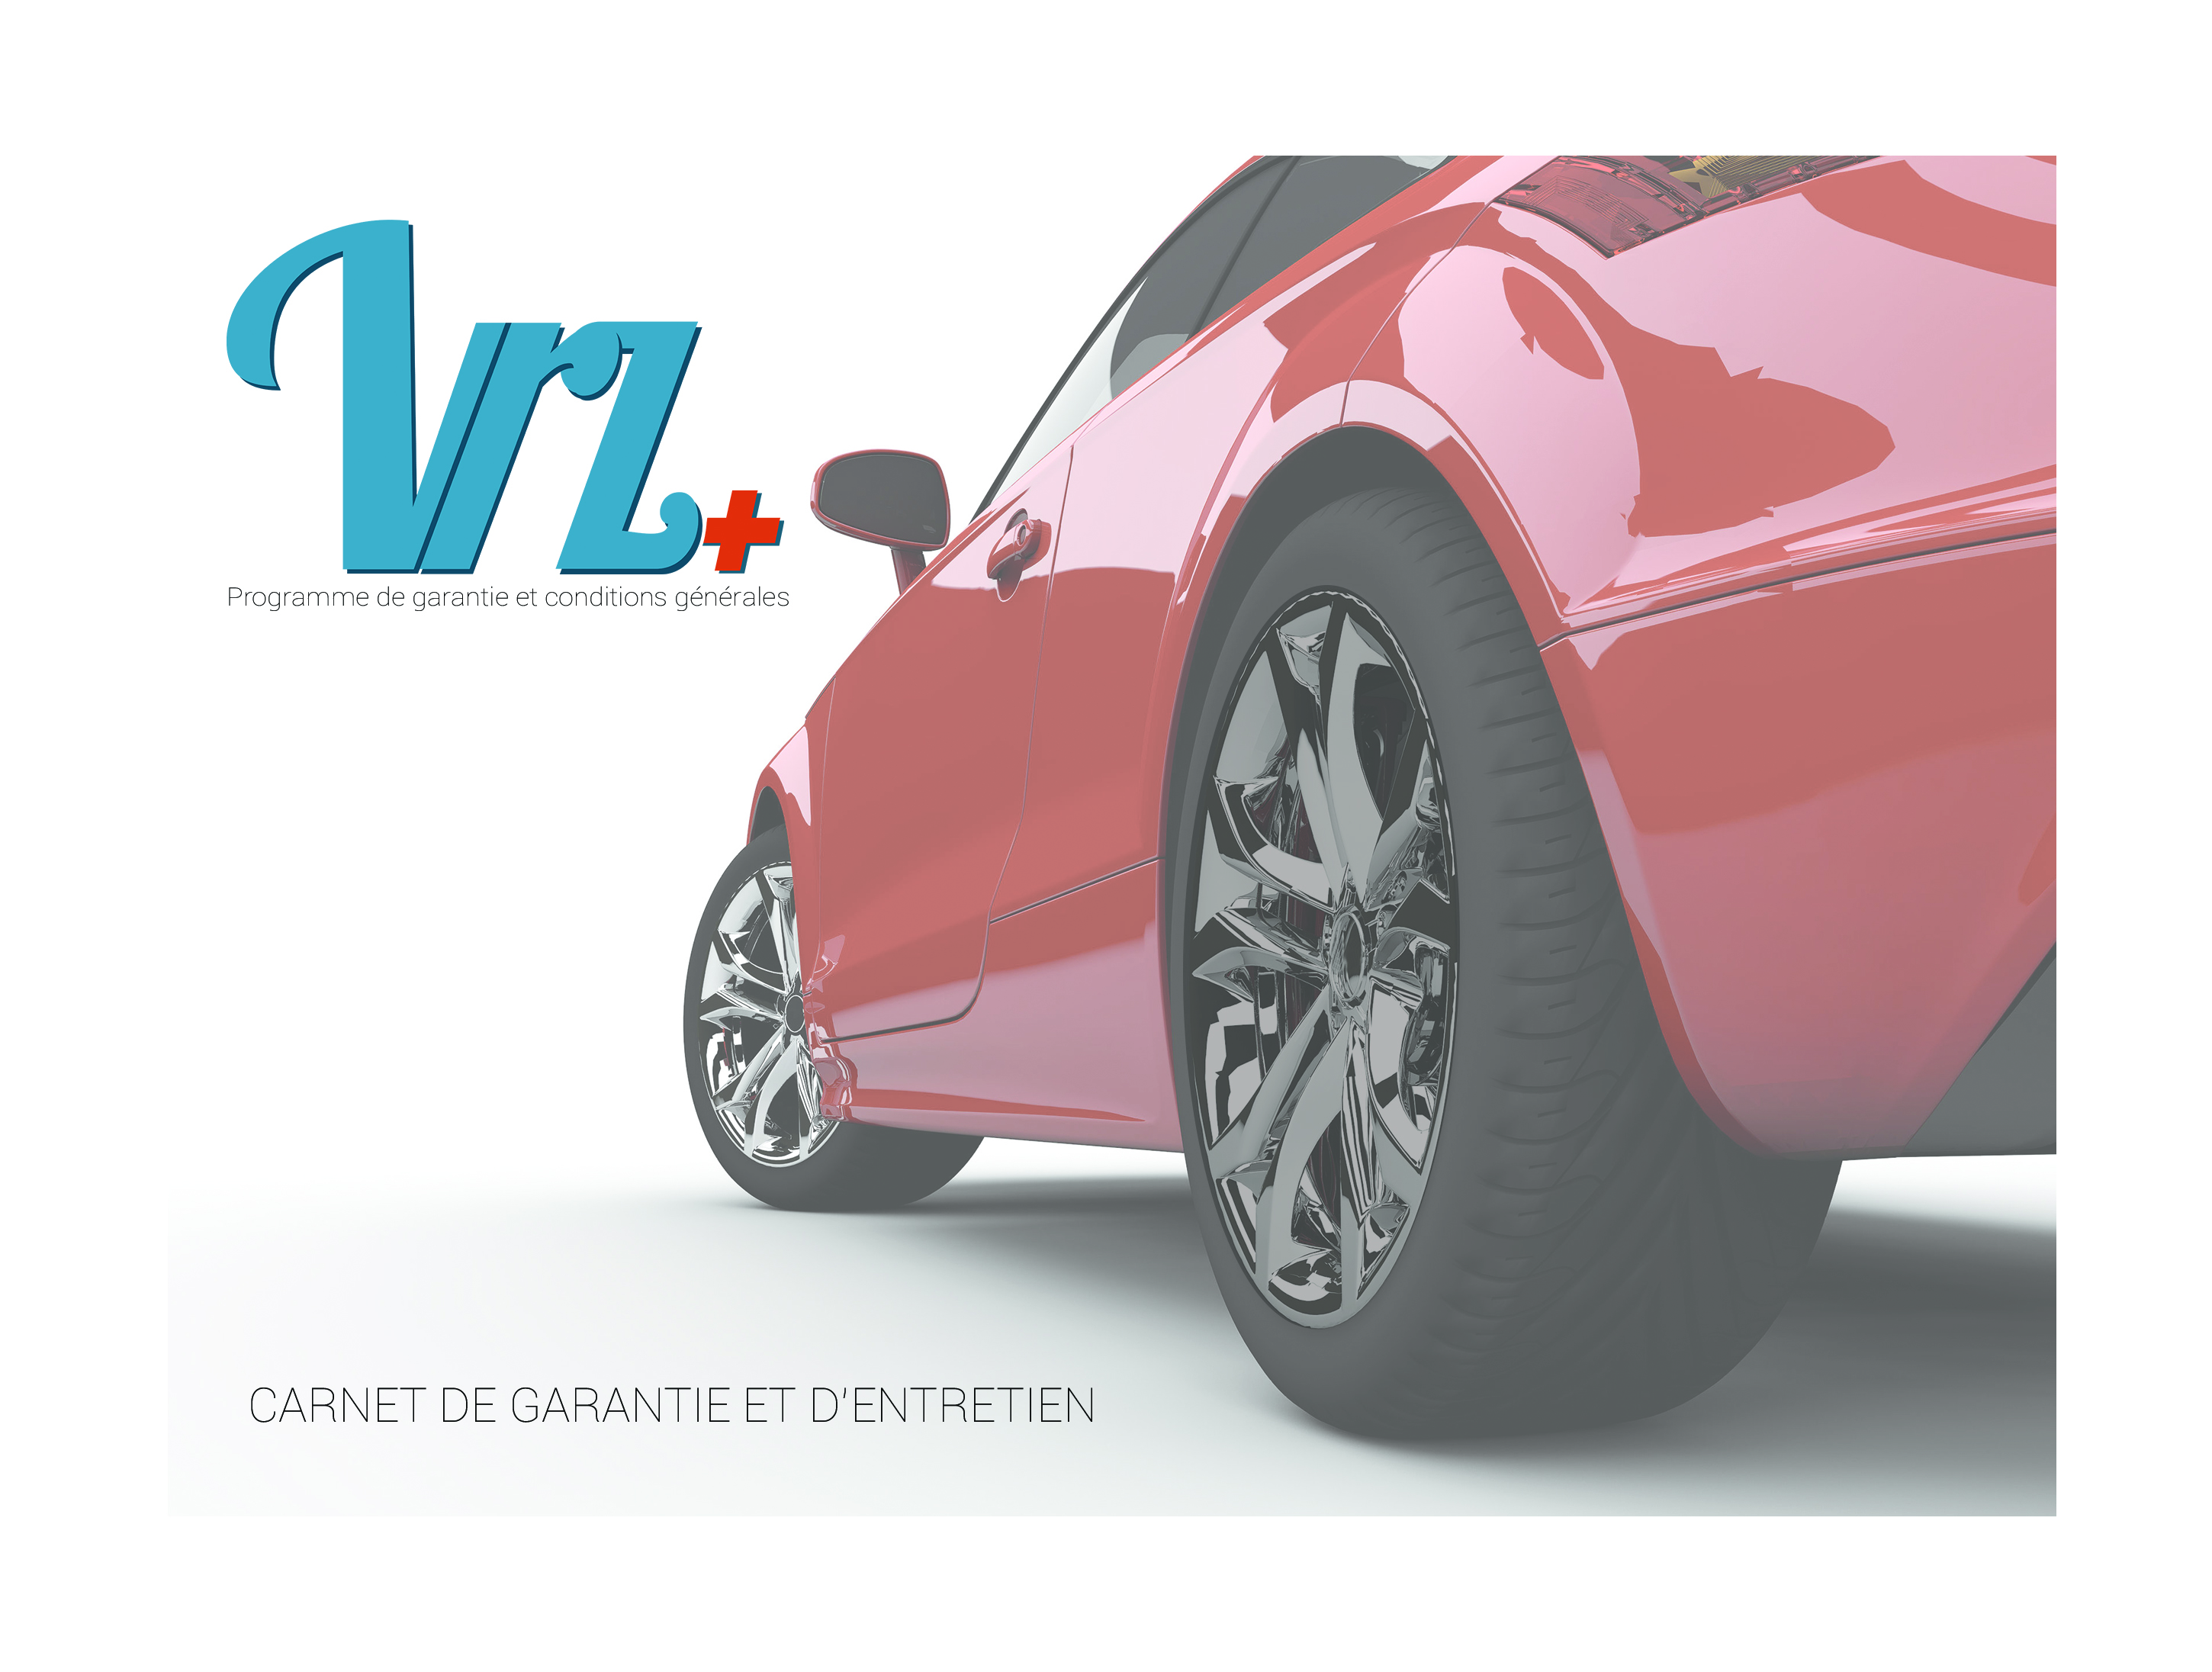 garantie vroomiz vrz+